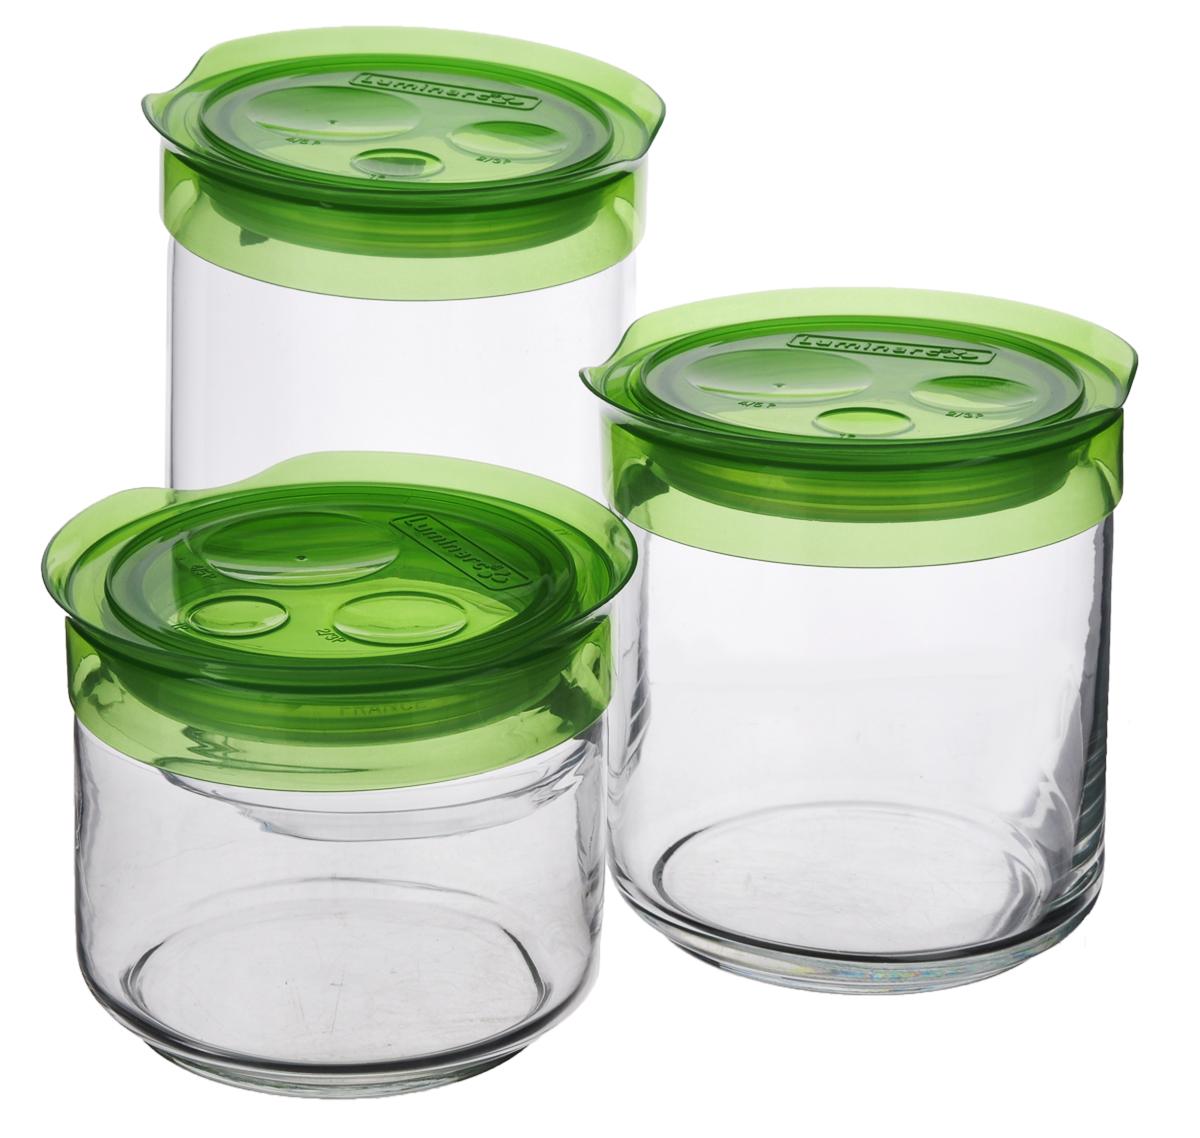 Набор банок для сыпучих продуктов Luminarc, цвет: зеленый, прозрачный, 3 штL1100Набор Luminarc состоит из трех банок для сыпучих продуктов разного объема. Изделия выполнены из прочного стекла и оснащены герметичными пластиковыми крышками. Внутри создается вакуум, благодаря чему продукты дольше сохраняют свежесть и аромат. Стенки прозрачные, что позволяет видеть содержимое. Такие банки прекрасно подходят для хранения сахара, соли, круп, конфет, орехов, печенья и других сыпучих продуктов. При хранении изделия можно ставить друг на друга, что существенно экономит пространство. Изделия можно мыть в посудомоечной машине. Объем банок: 0,5 л, 0,75 л, 1 л. Диаметр банок: 9 см. Высота банок: 9 см, 11,5 см, 15 см.